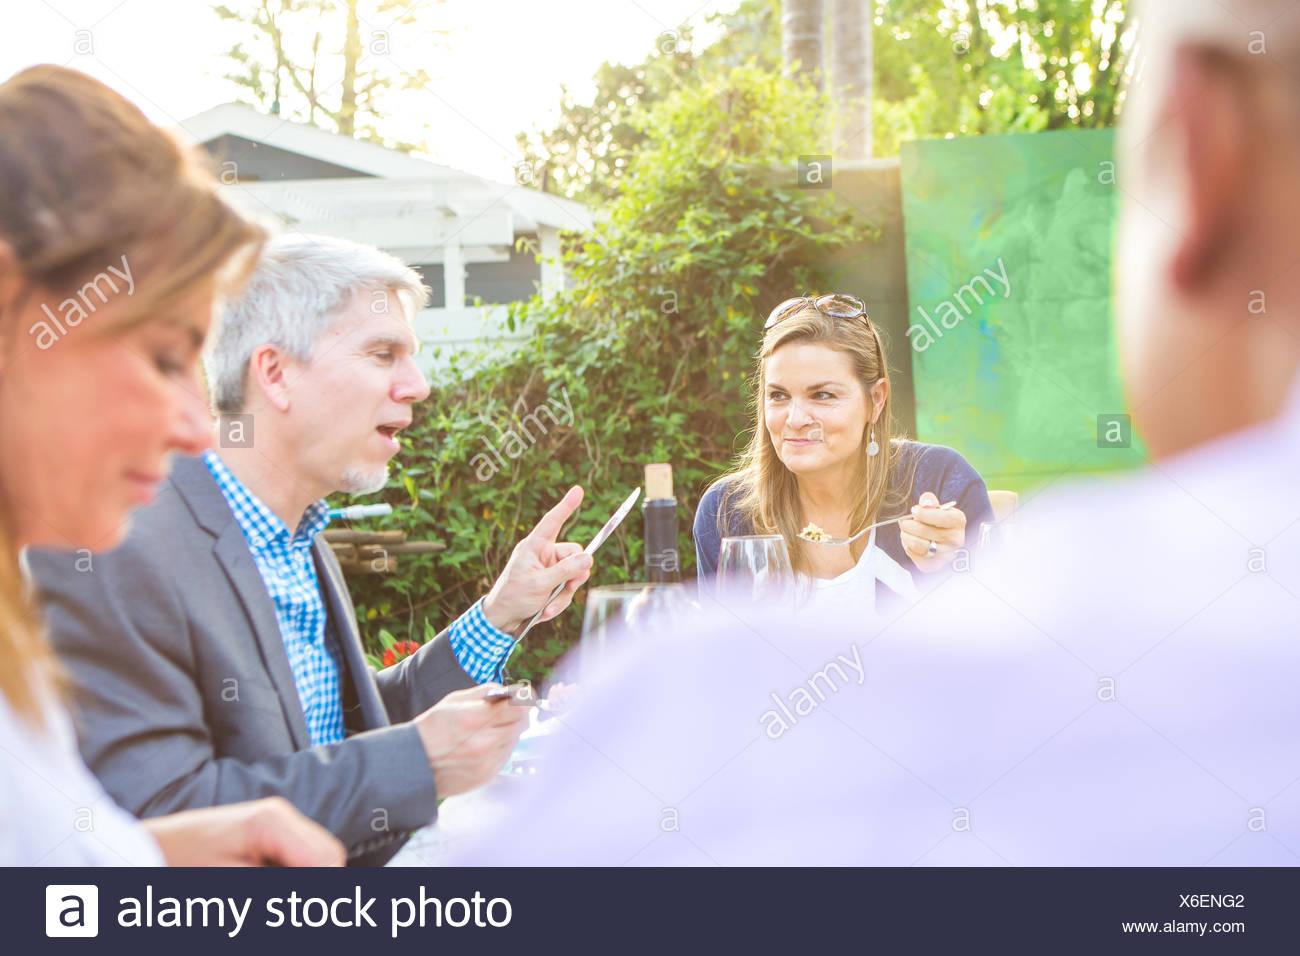 Los adultos maduros comer y hablar juntos en garden party tabla Imagen De Stock